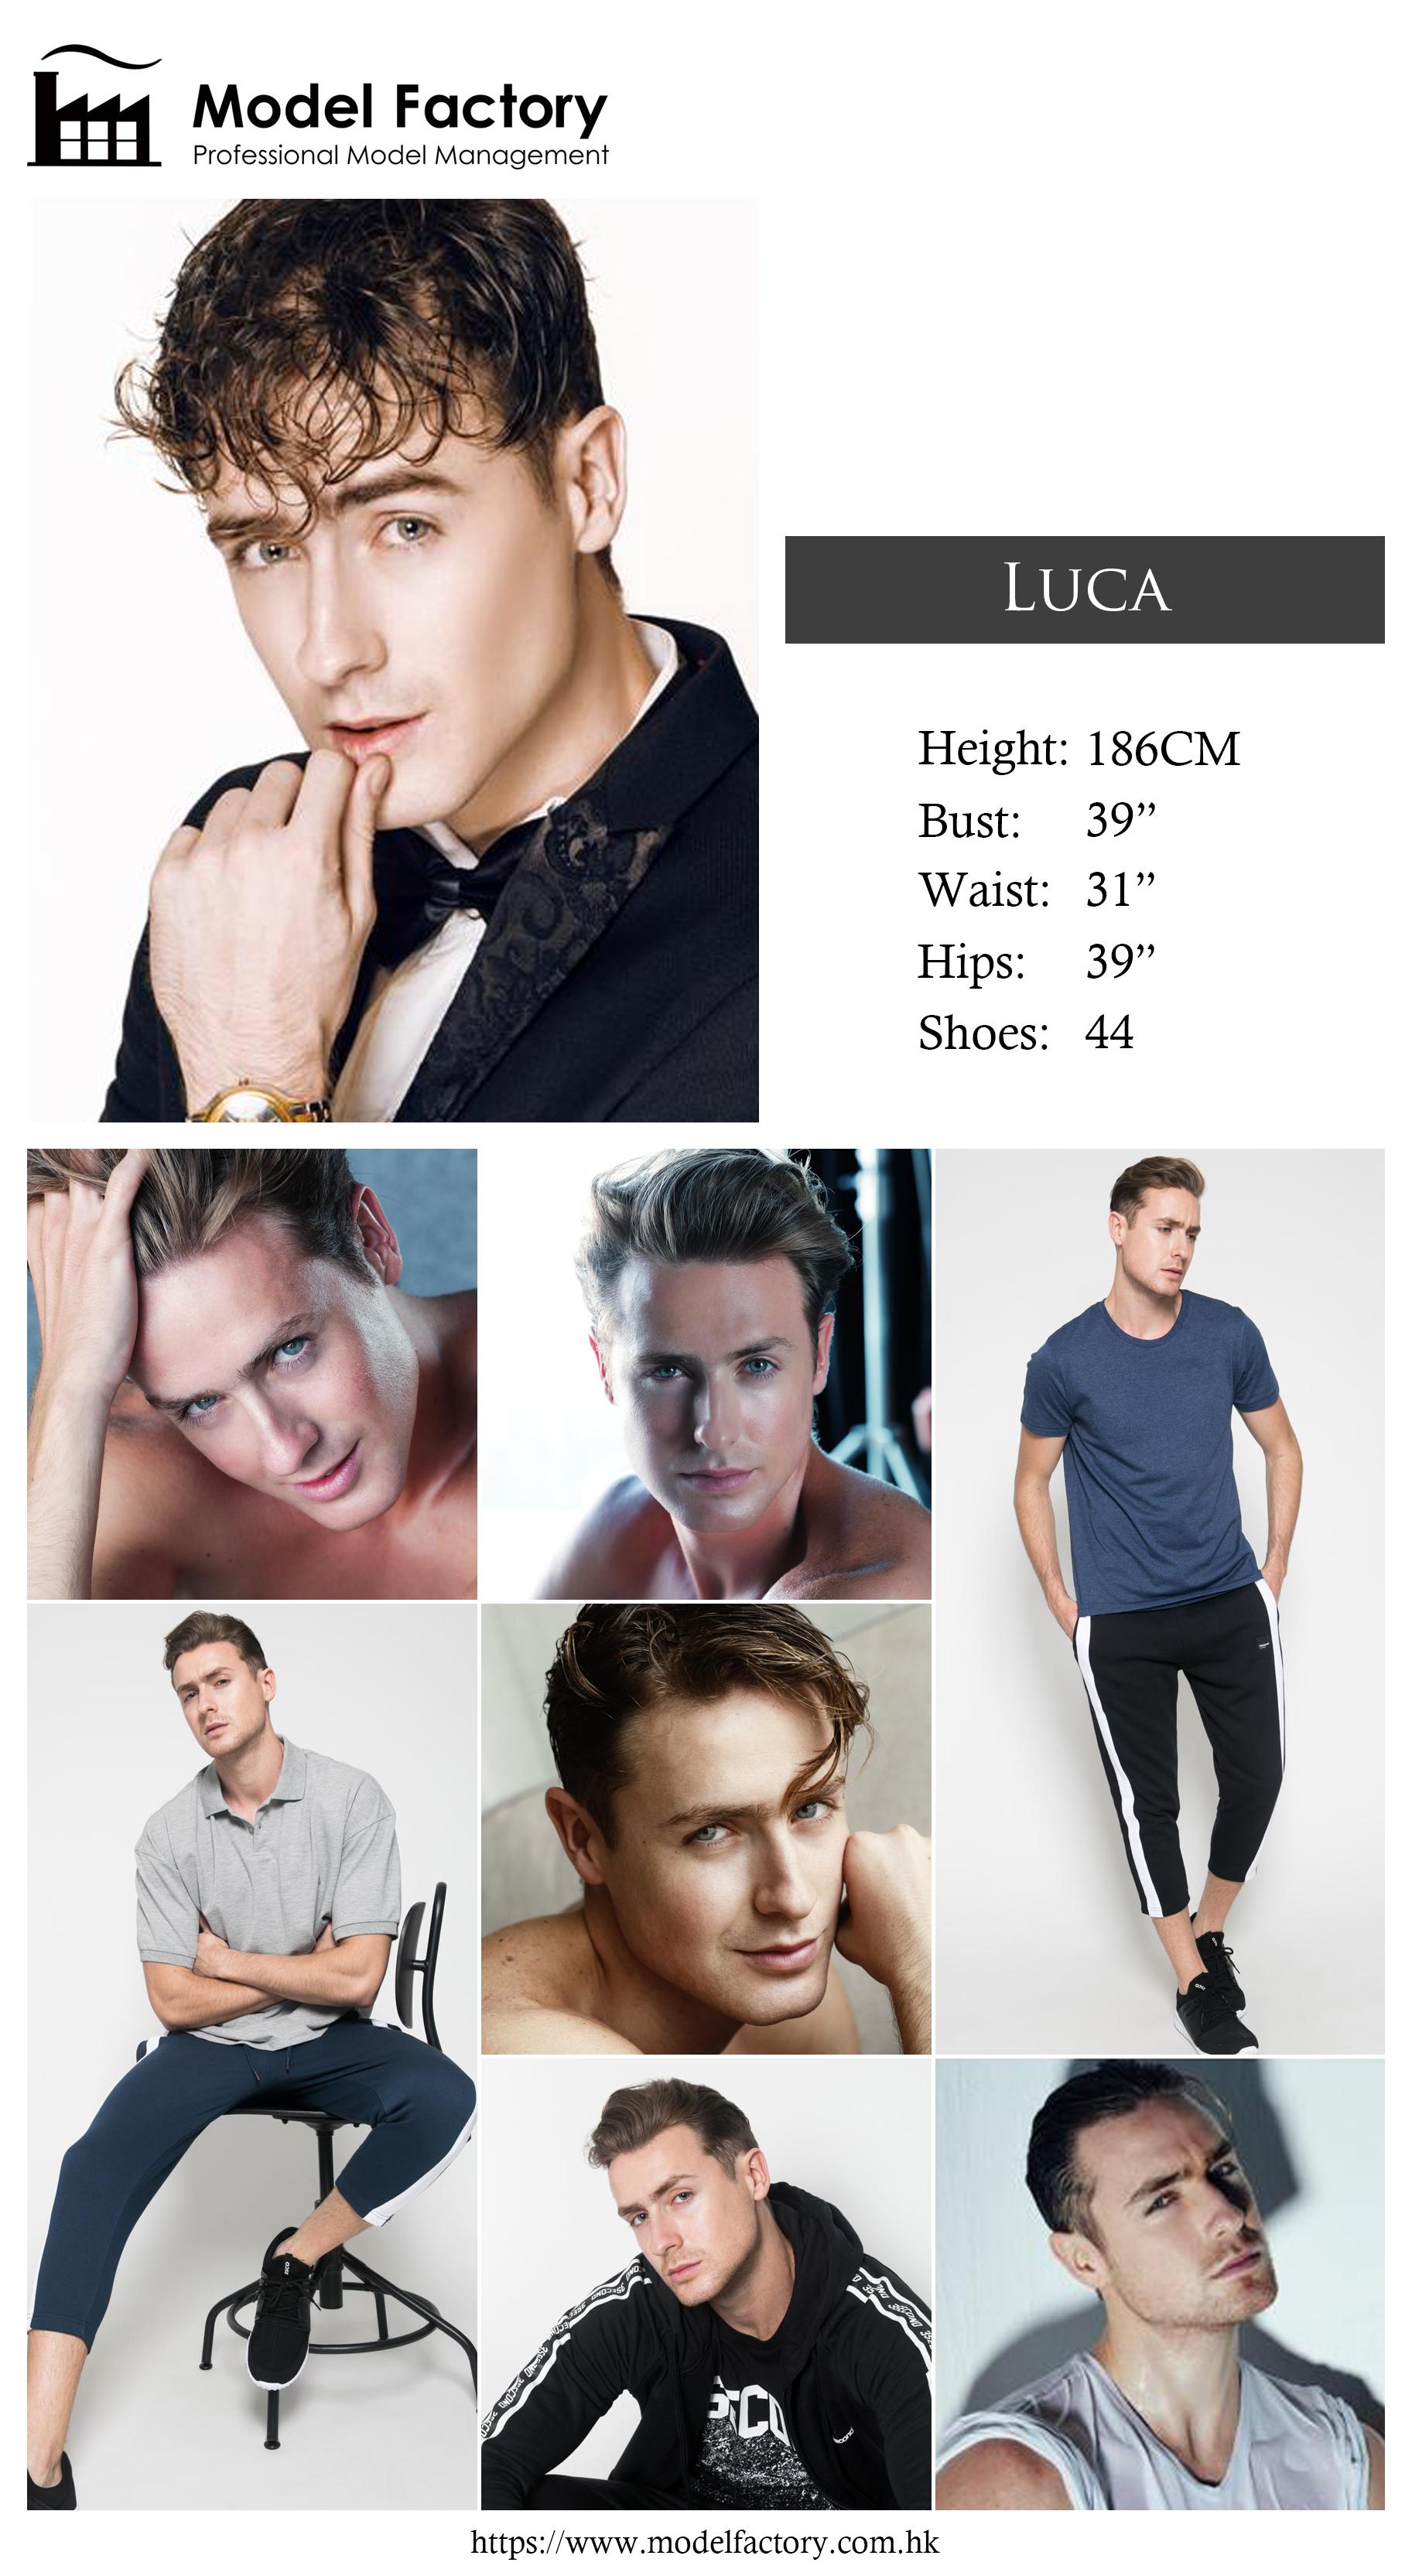 Model Factory Caucasian Male Model Luca